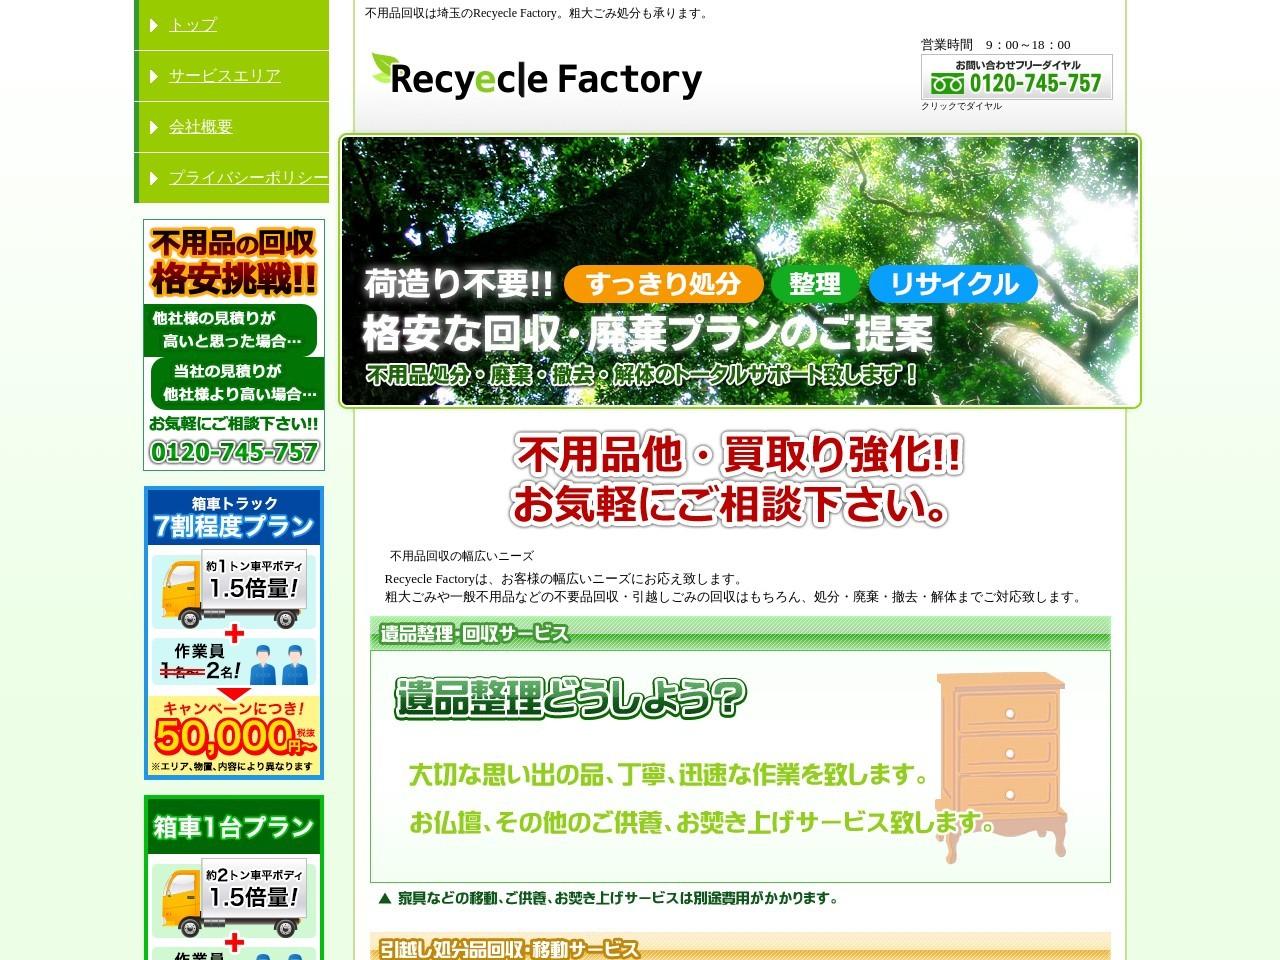 リサイクルファクトリー